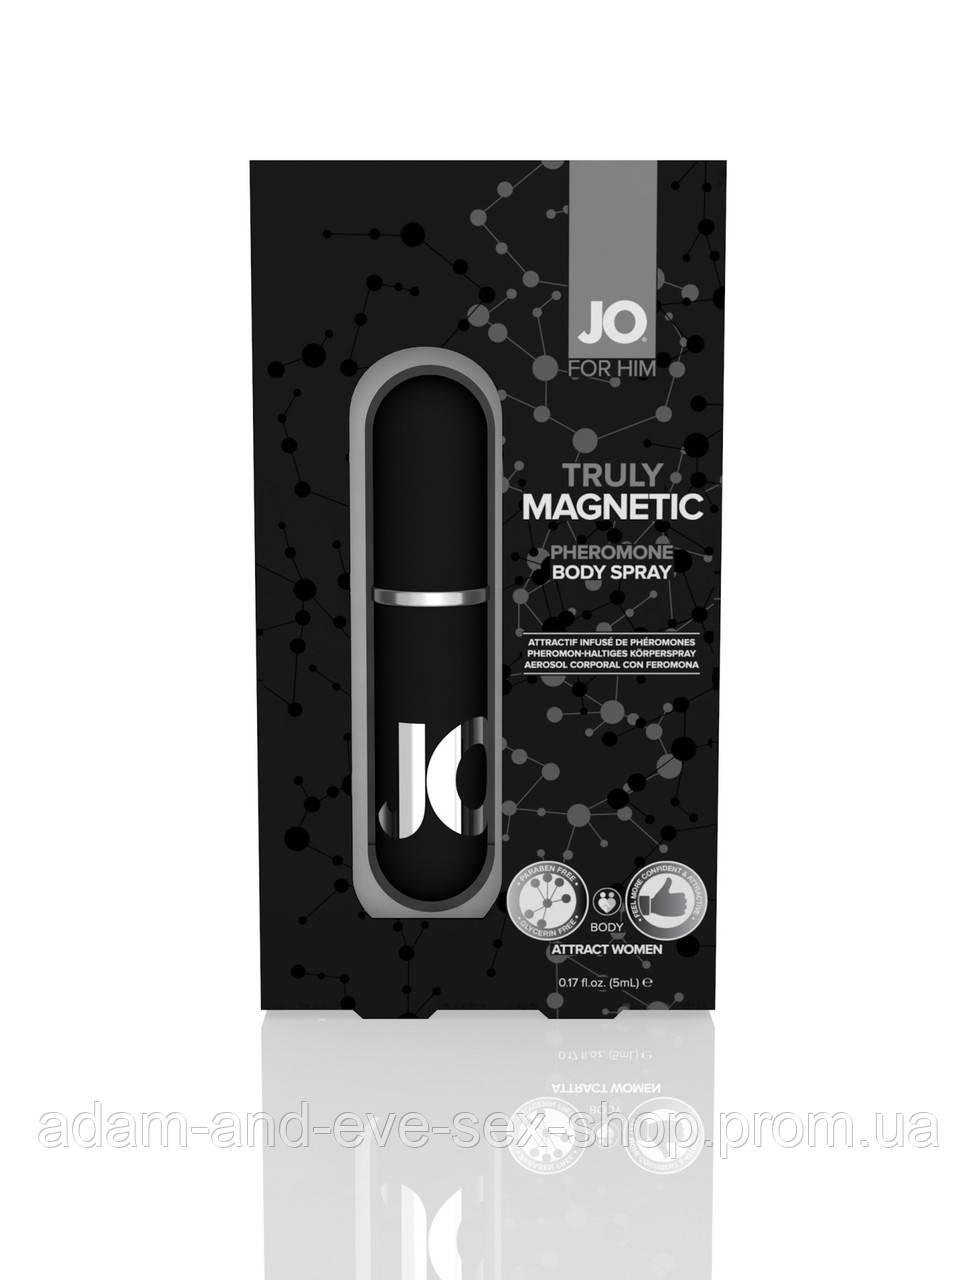 Спрей для тела с феромонами для мужчин System JO TRULY MAGNETIC 5 мл